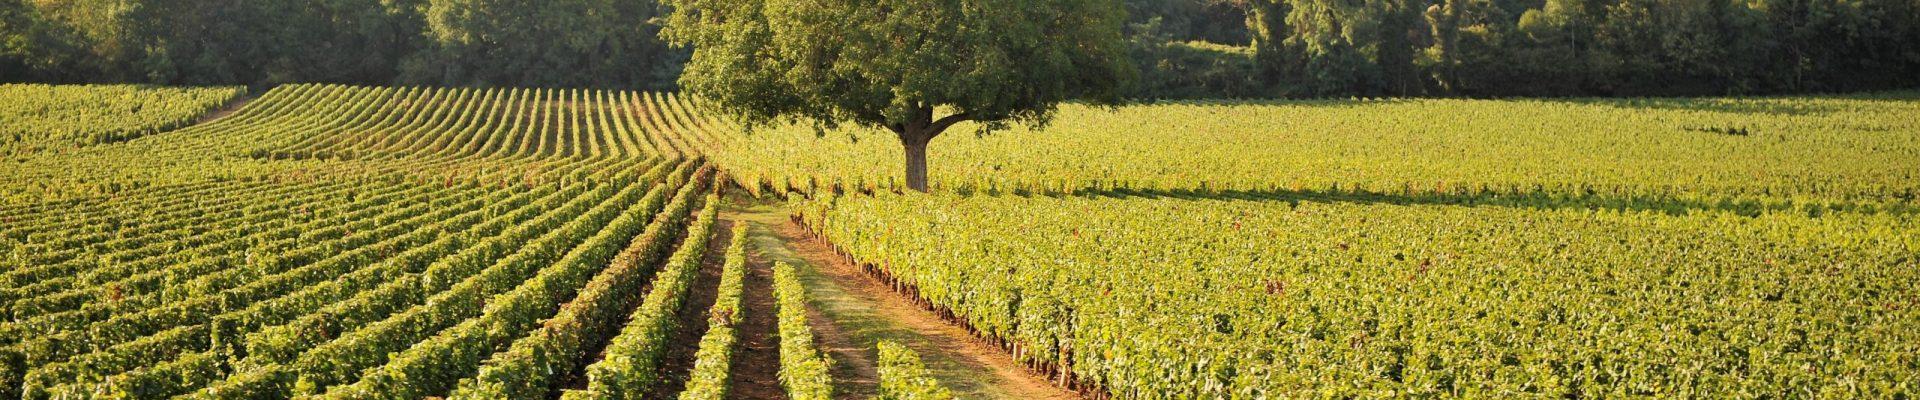 wijngaard1